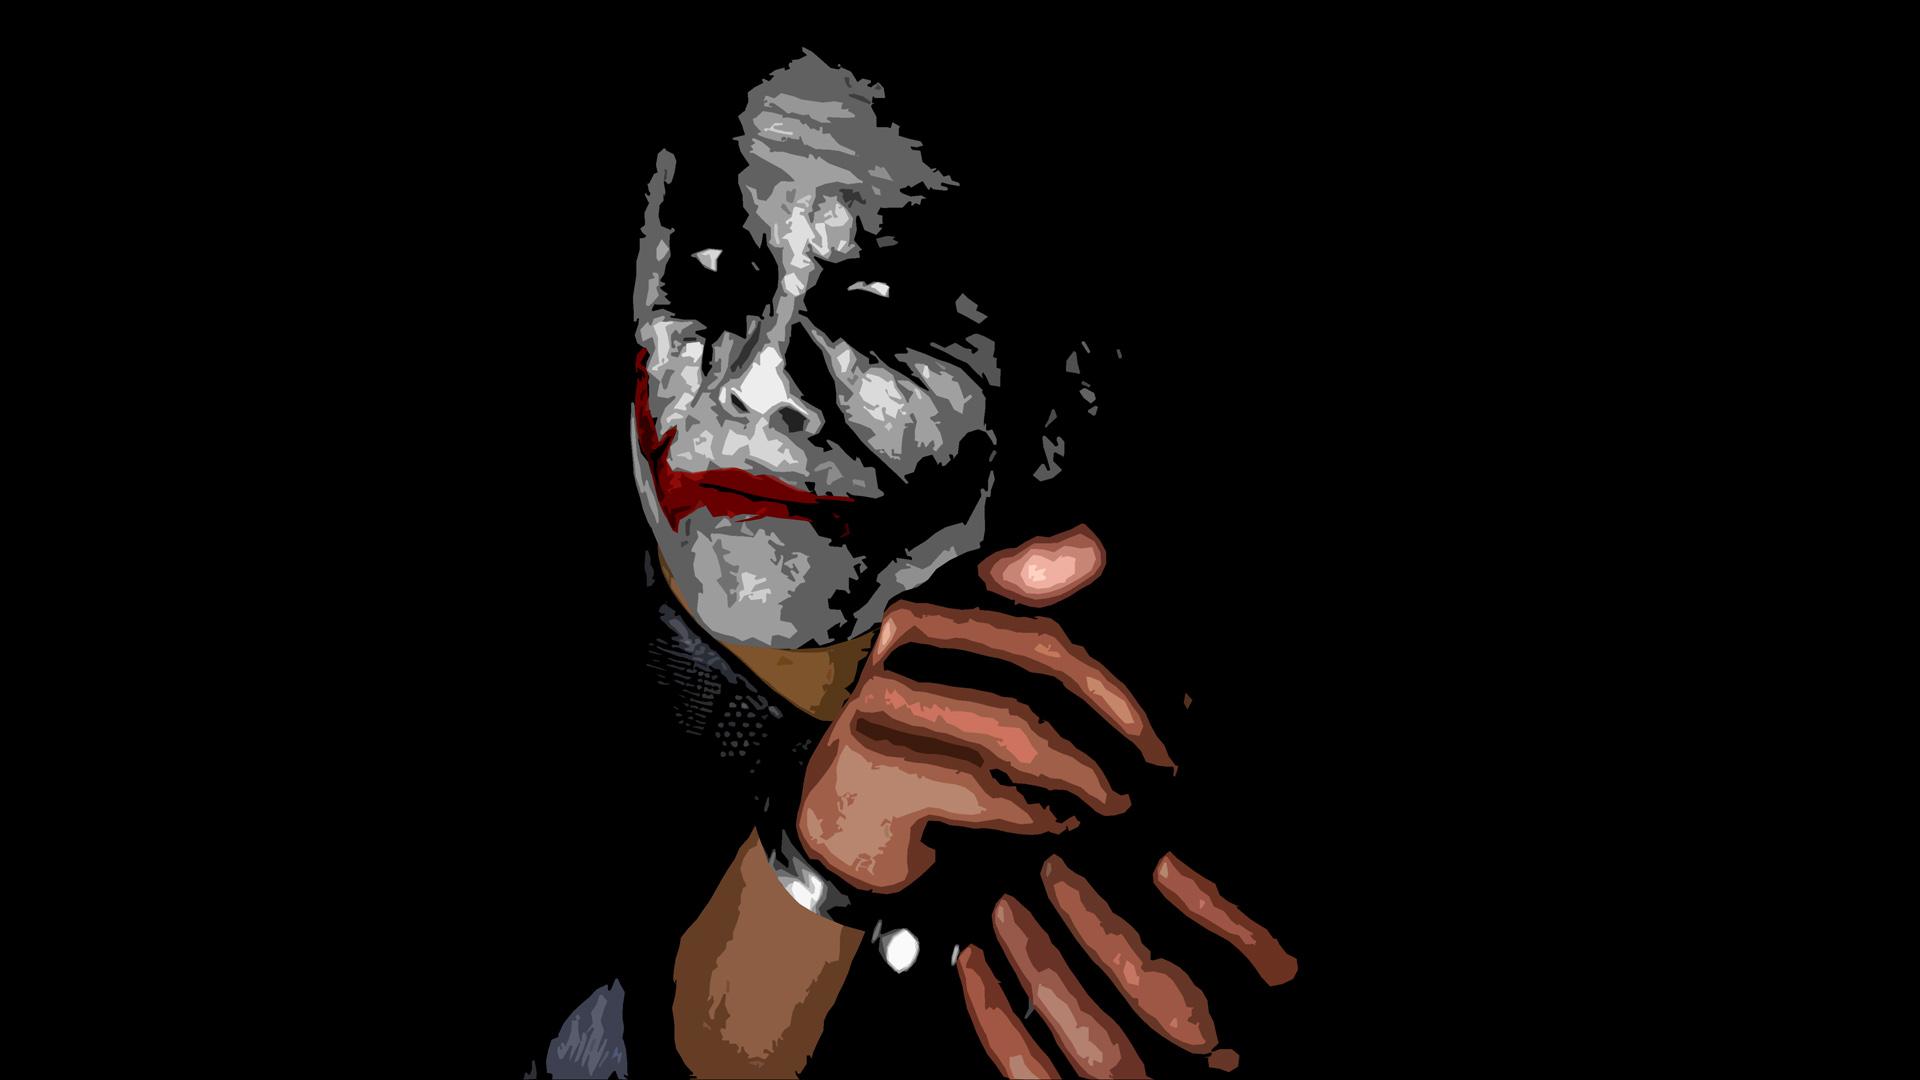 tags joker the joker date 13 05 27 resolution 1920x1080 avg dl time 1 1920x1080